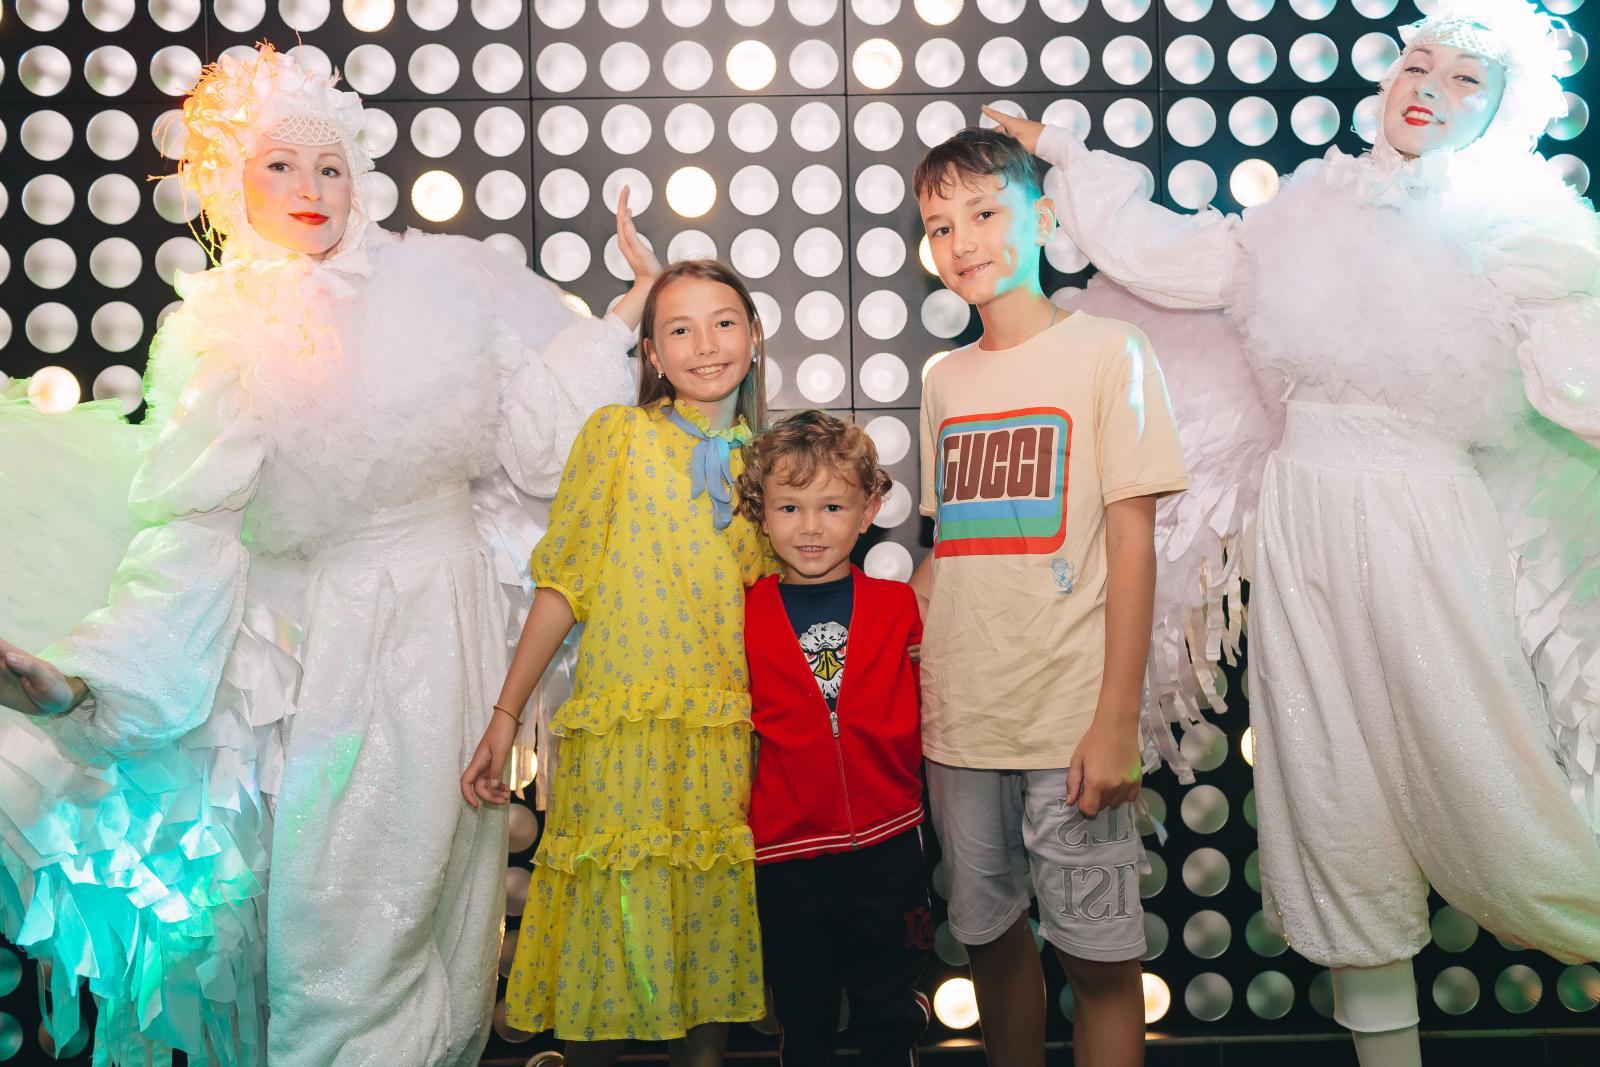 Дочь Инны и Юрия Жирковых устроила вечеринку в стиле TikTok: На торжестве в честь десятилетия Миланы Жирковой гостей встречали белоснежные ангелы и зеркальные Микки Маусы, а также цветочные феи. В